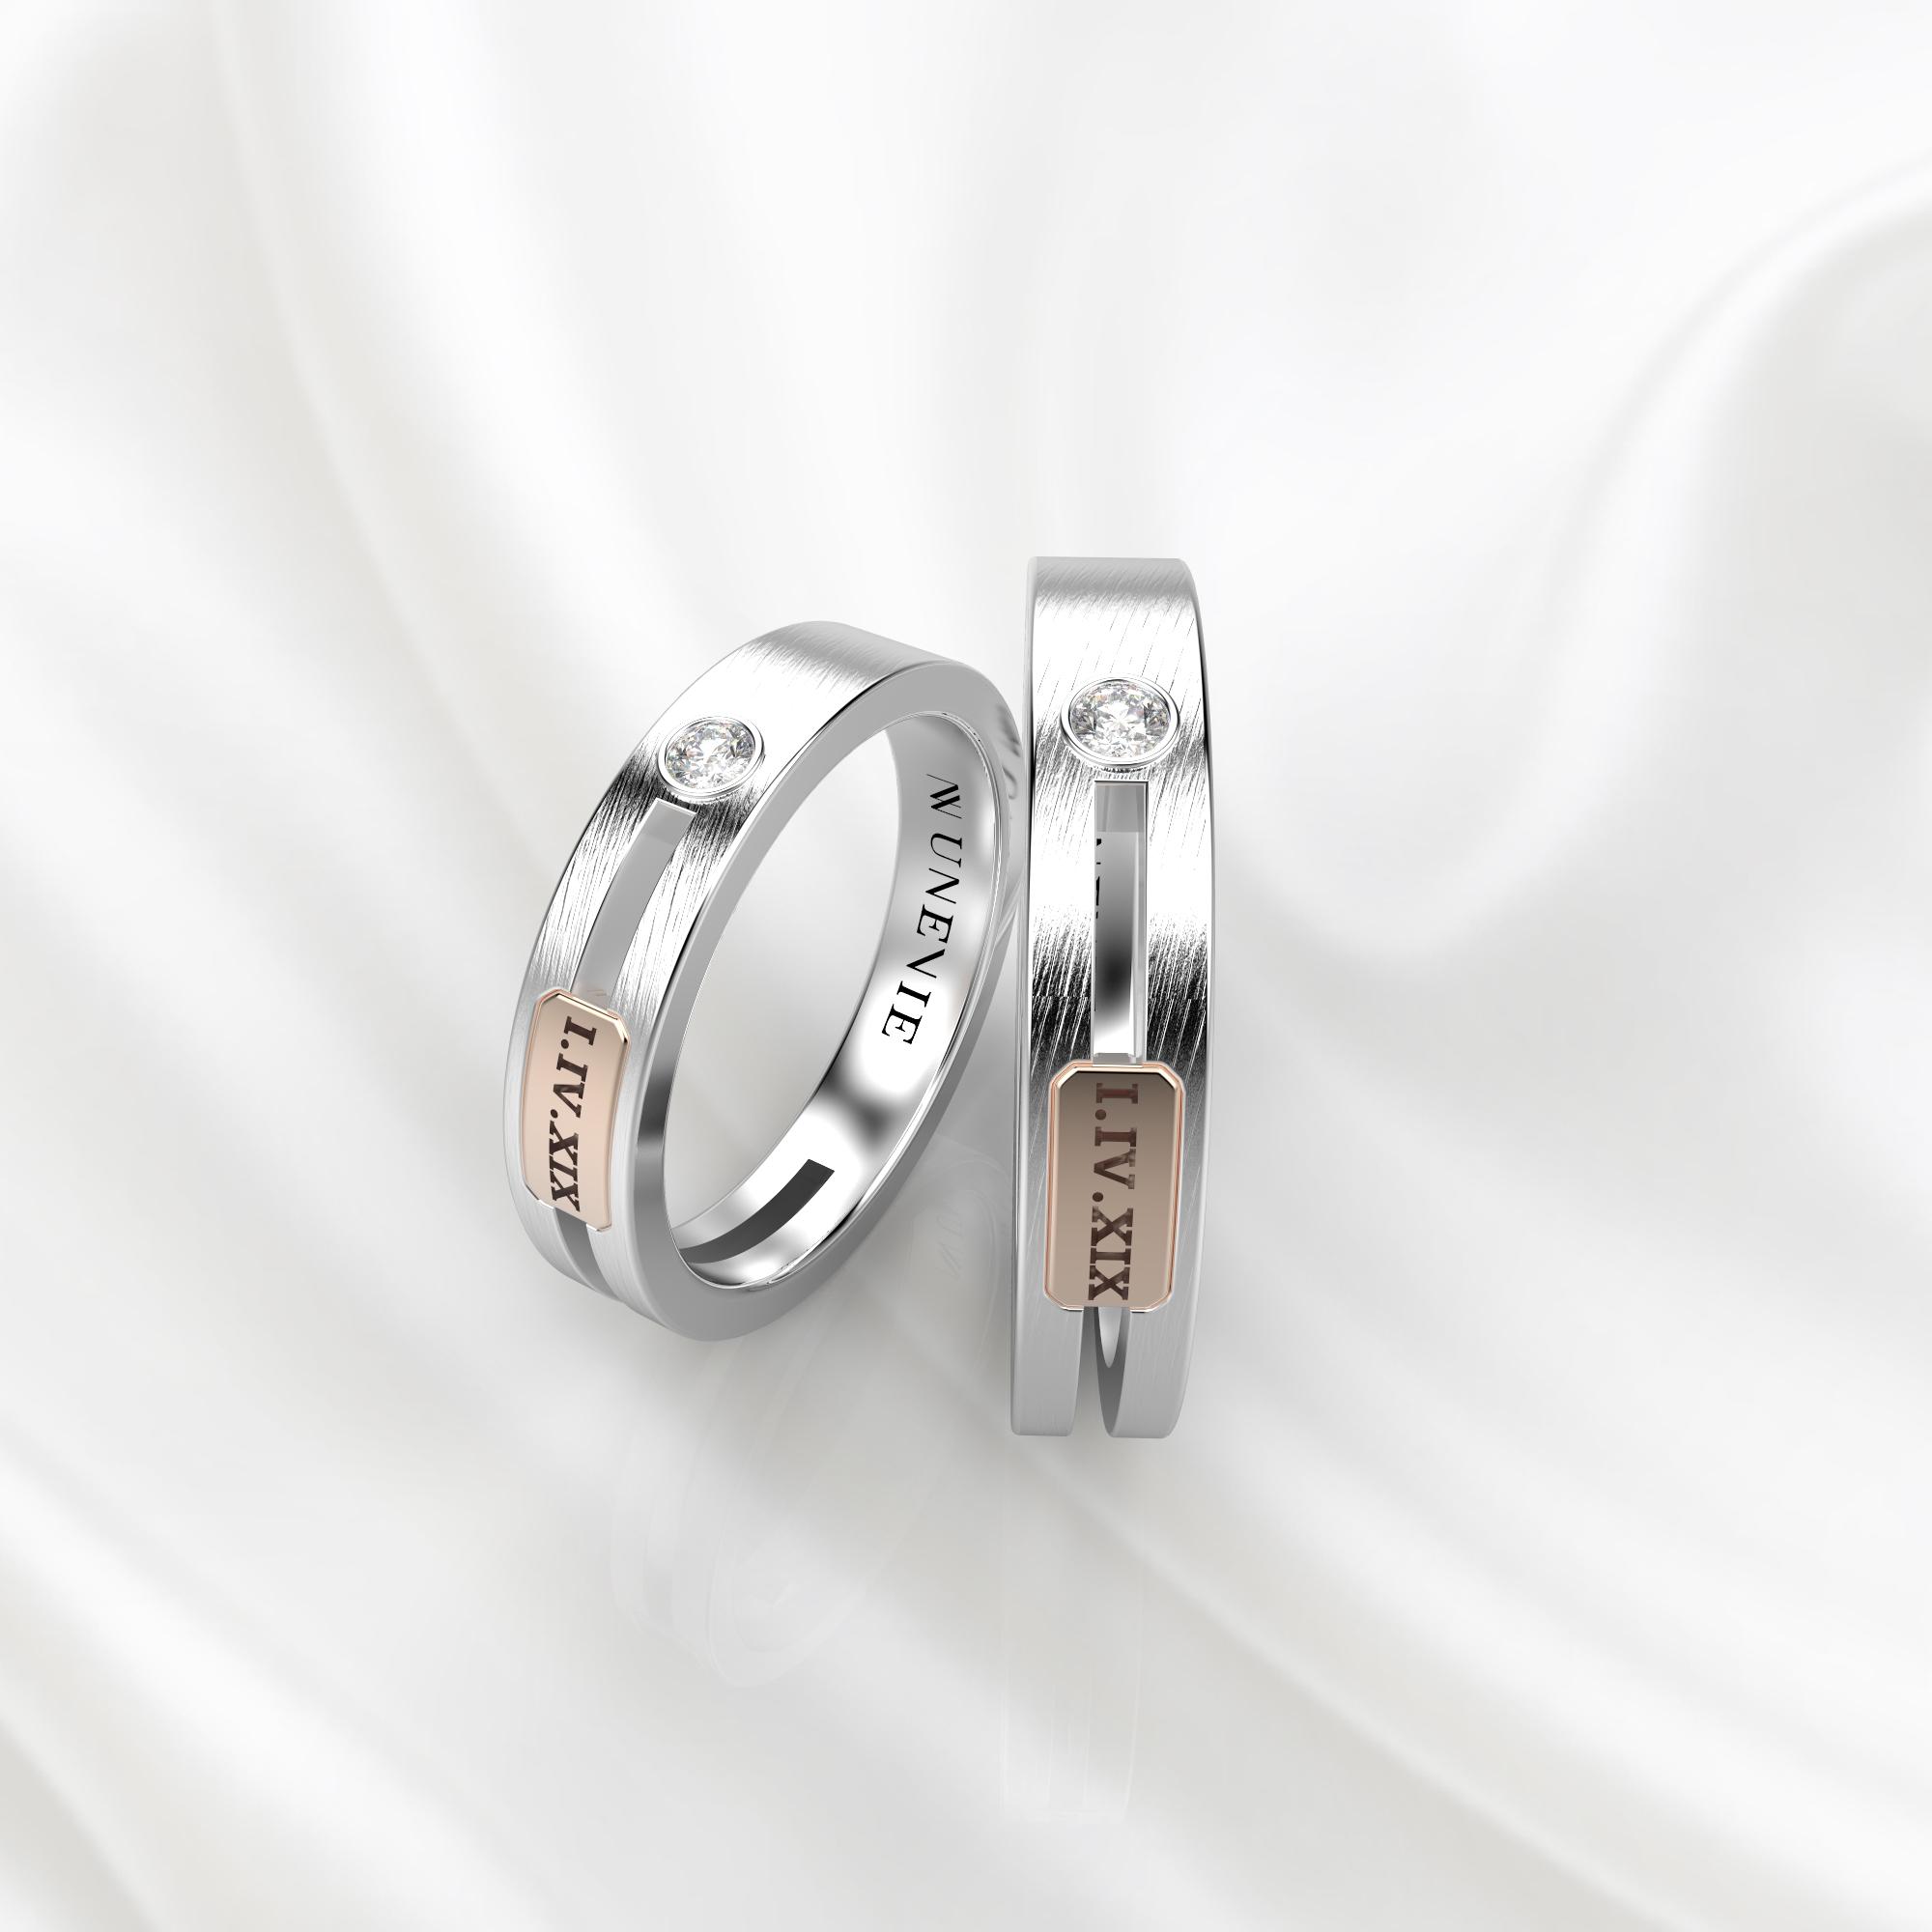 NV55 Парные обручальные кольца из бело-розового золота с бриллиантами